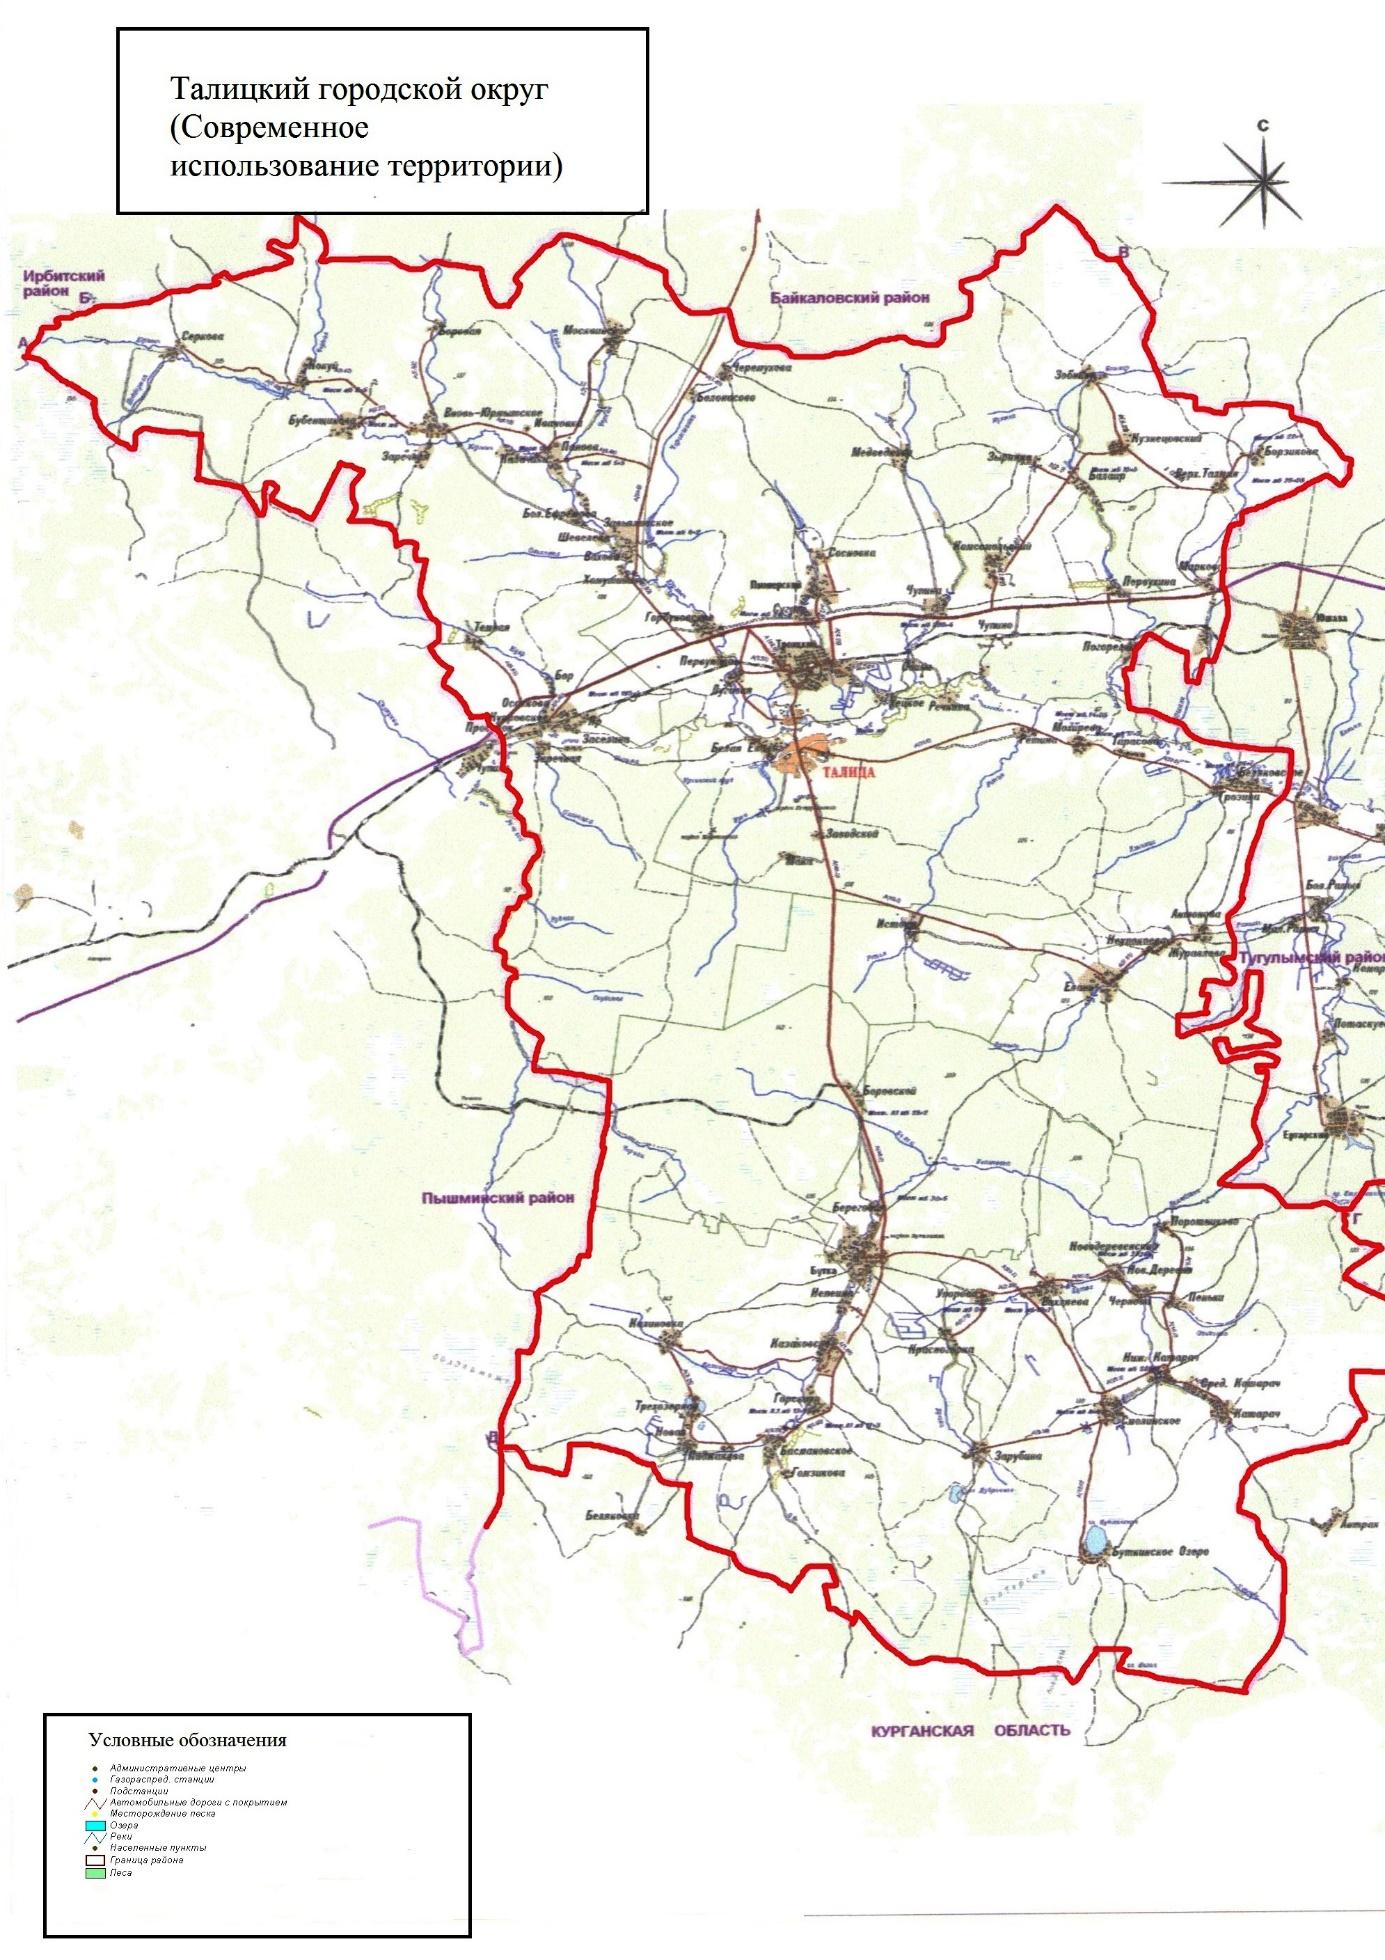 Дипломная работа на тему Природа Талицкого района и ее изучение в  hello html 459e4818 jpg